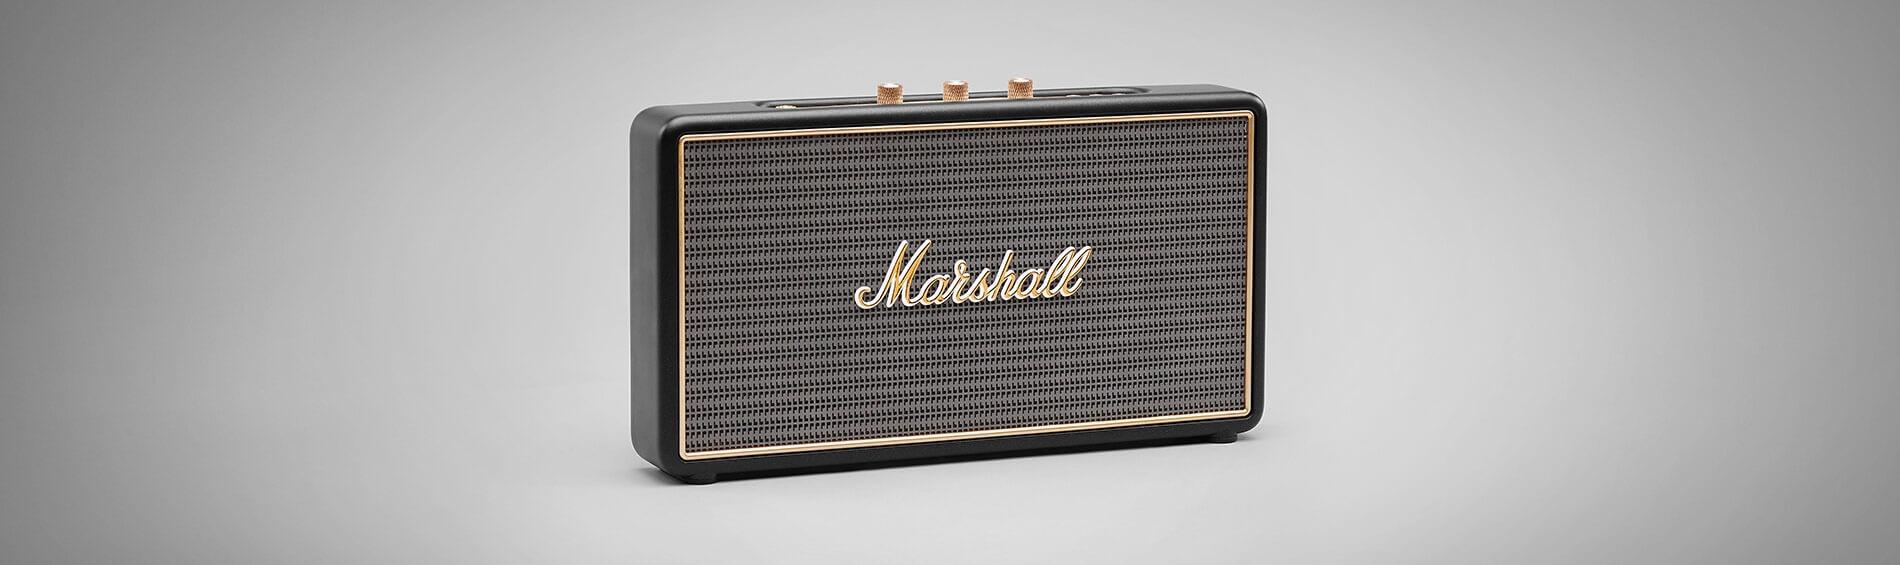 marshall_headphones_slide_stockwell_black_05_1_1_1900.jpg